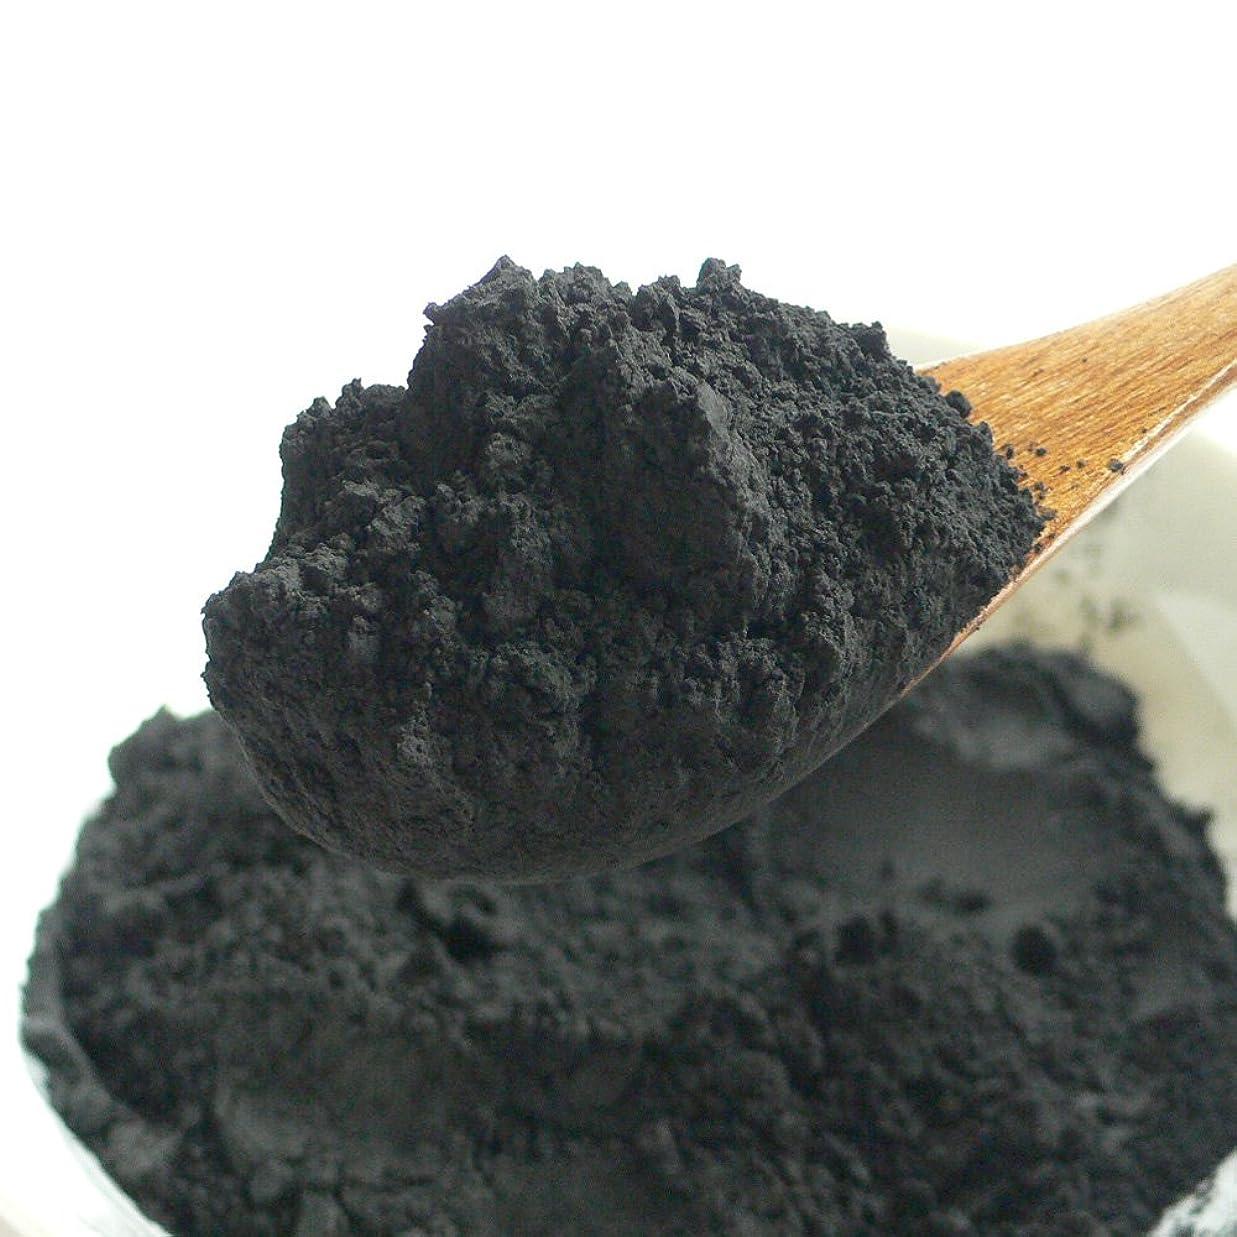 も動員する波紋炭パウダー チャコール 食用 クレンズ 炭 500g 10ミクロン 神鍋BLACK 業務用 お徳用